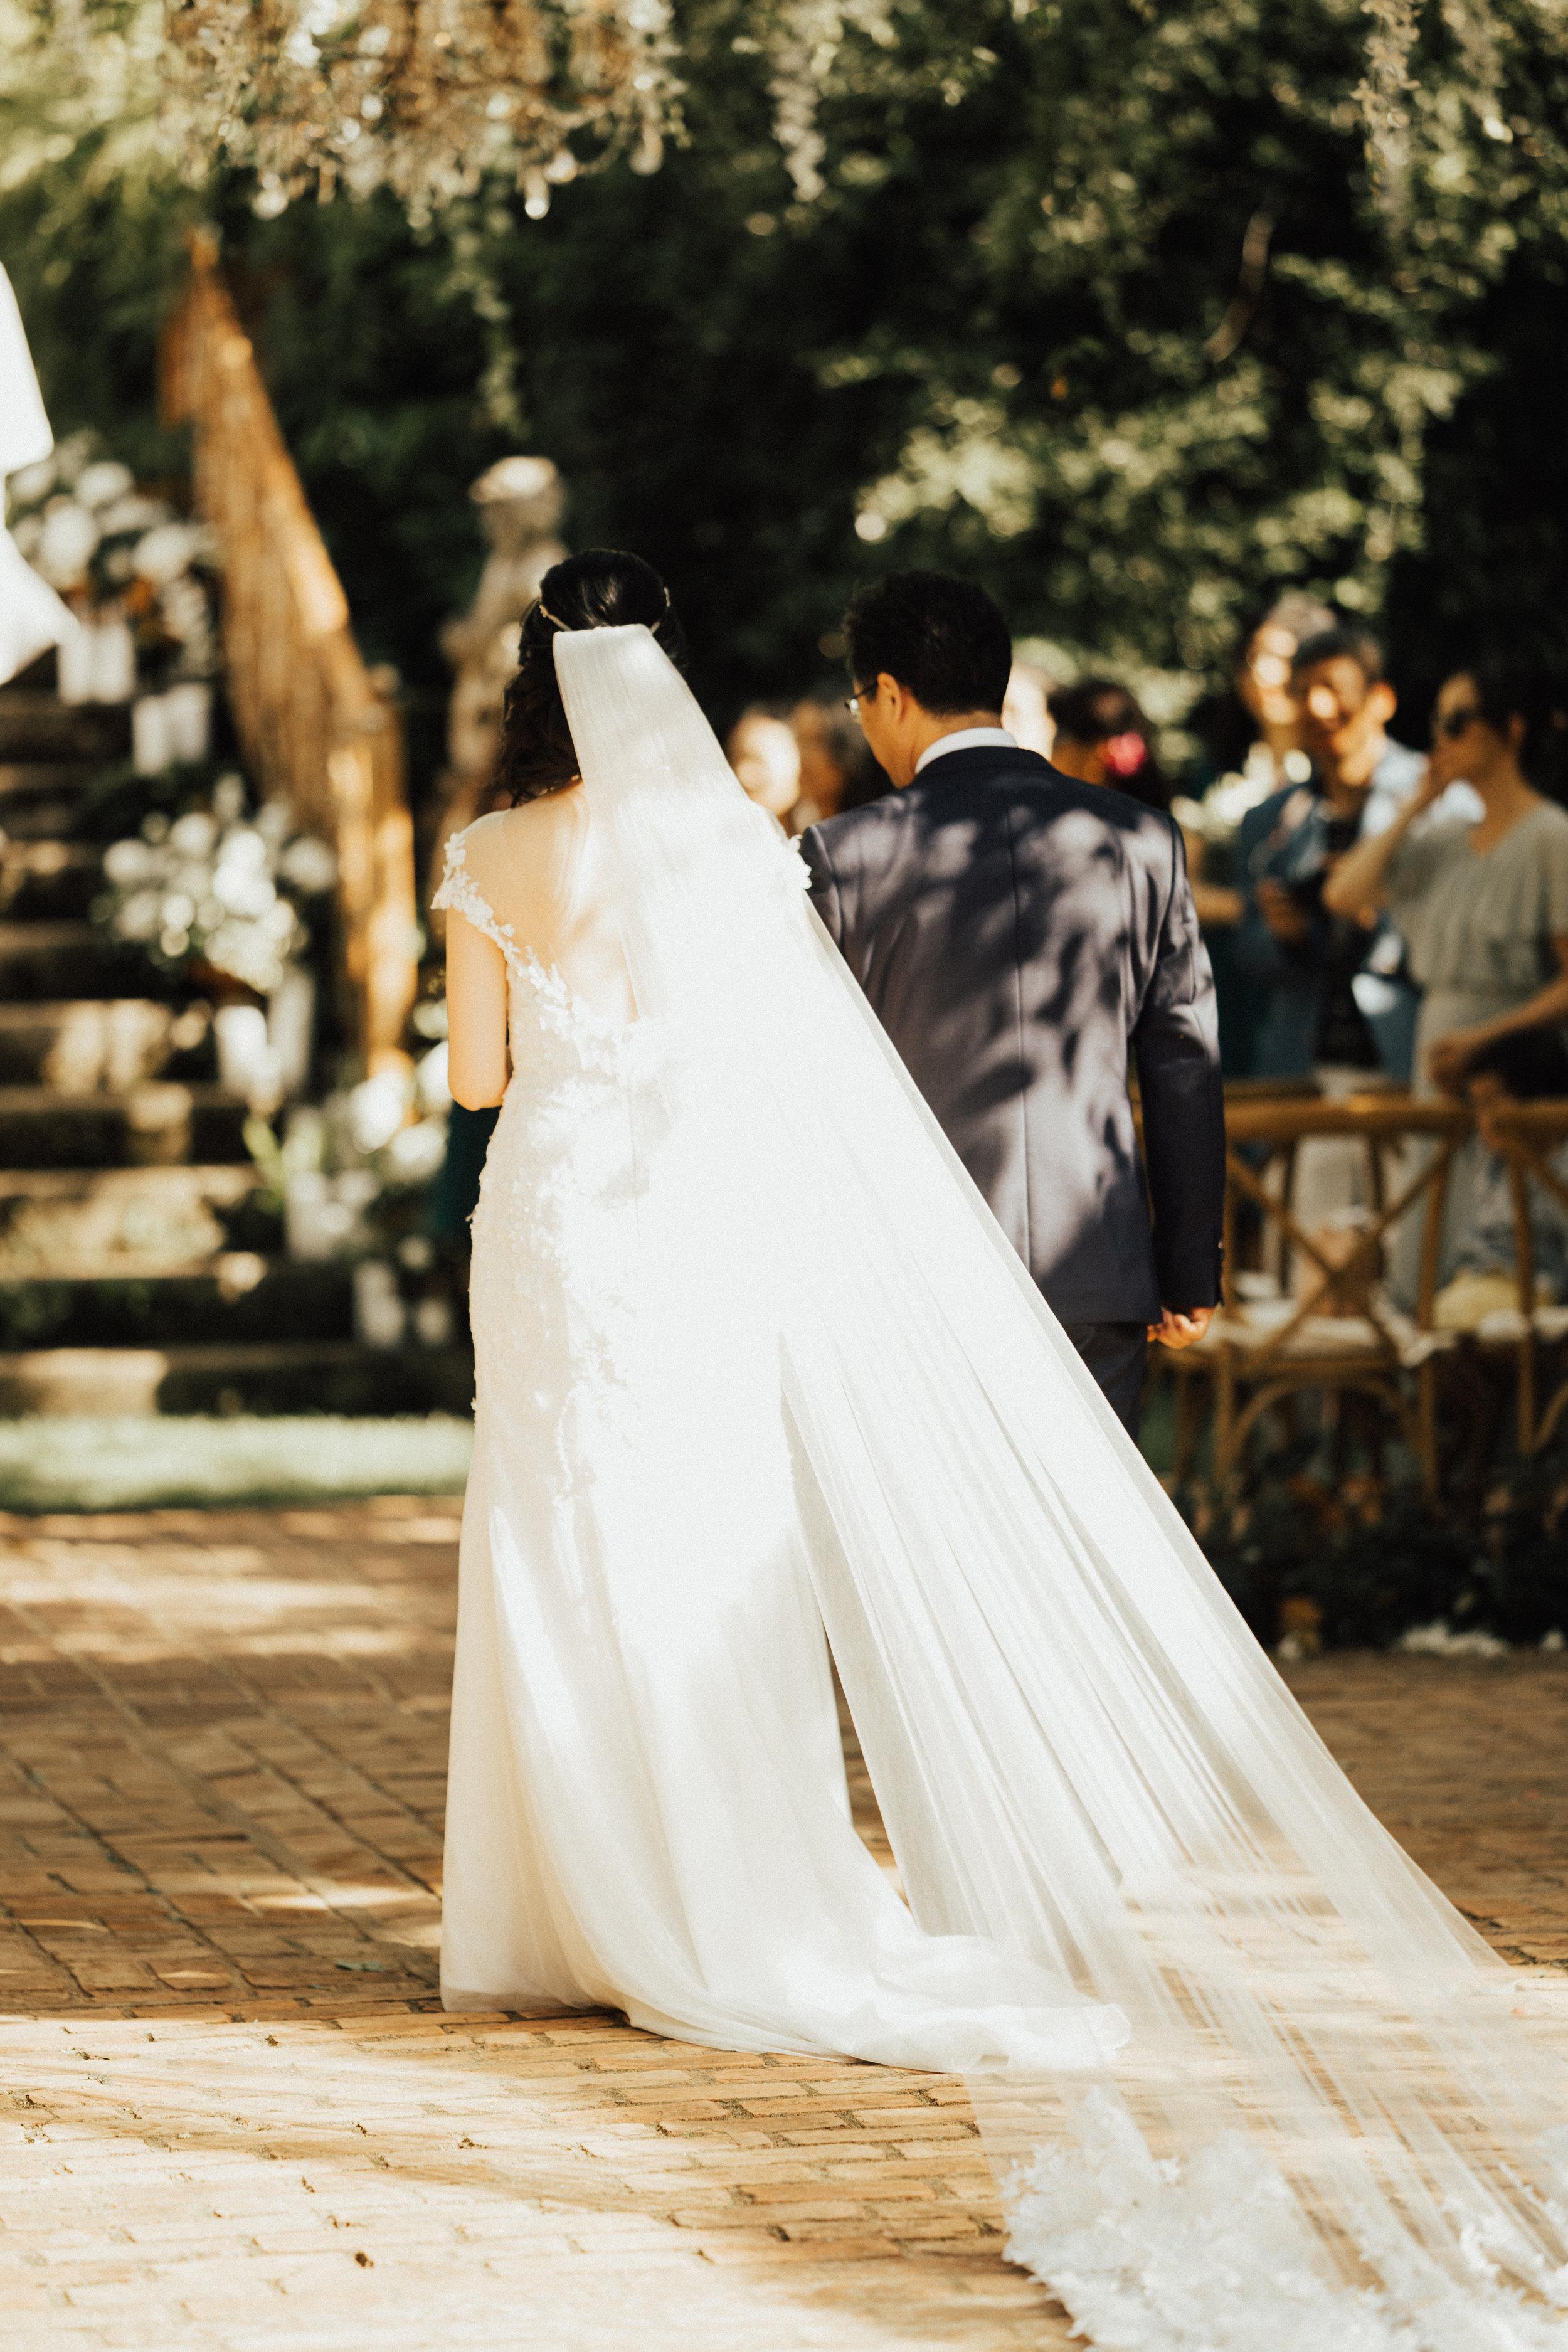 haikumillwedding1-10.jpg